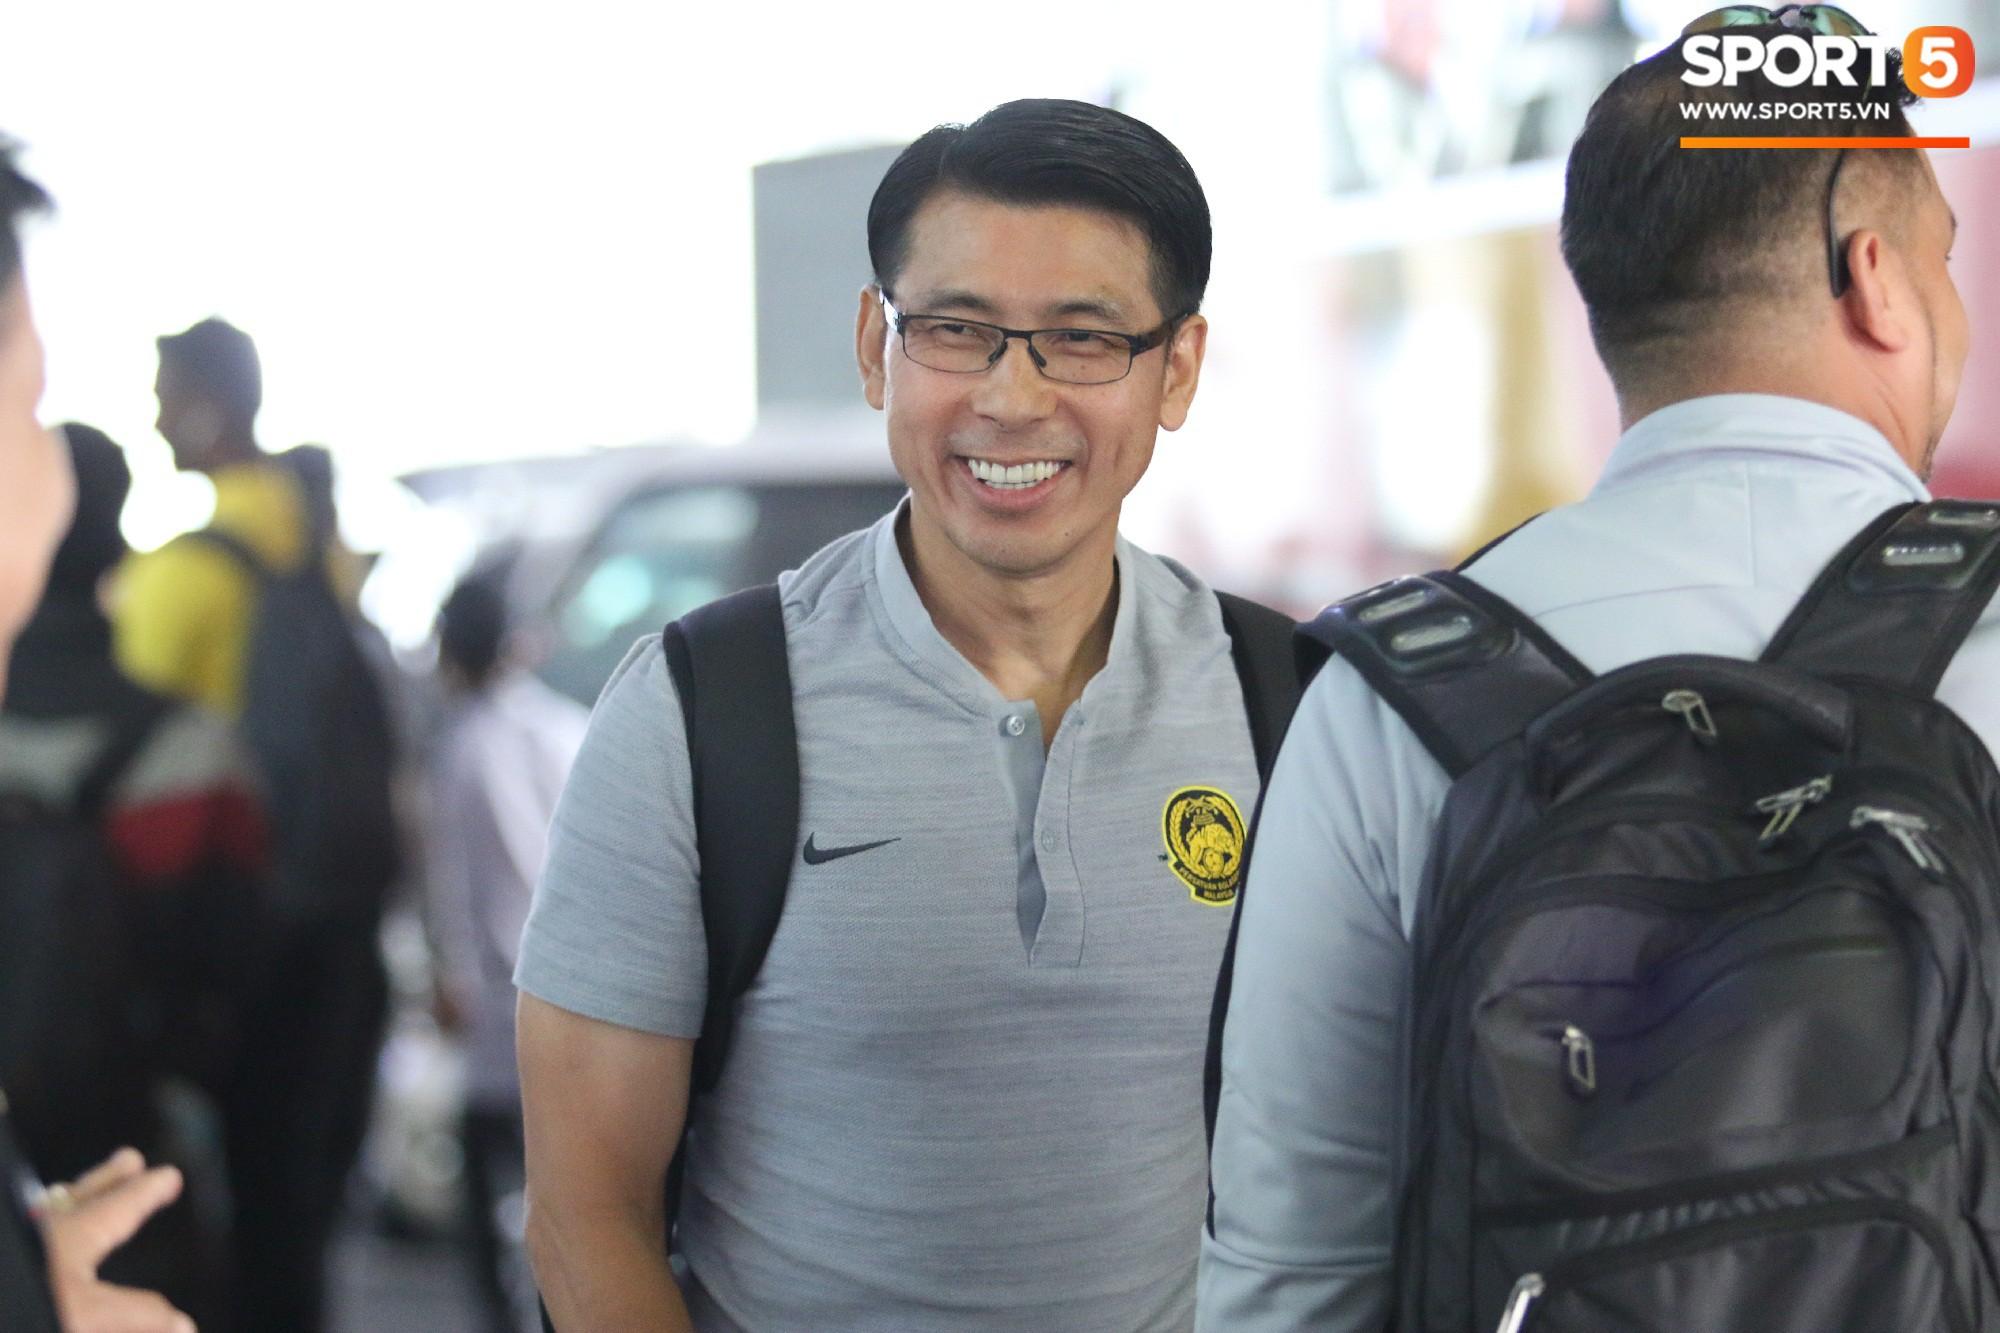 HLV trưởng Malaysia đi cùng người phụ nữ bí ẩn sang Việt Nam đá trận chung kết AFF Cup 2018 - Ảnh 6.